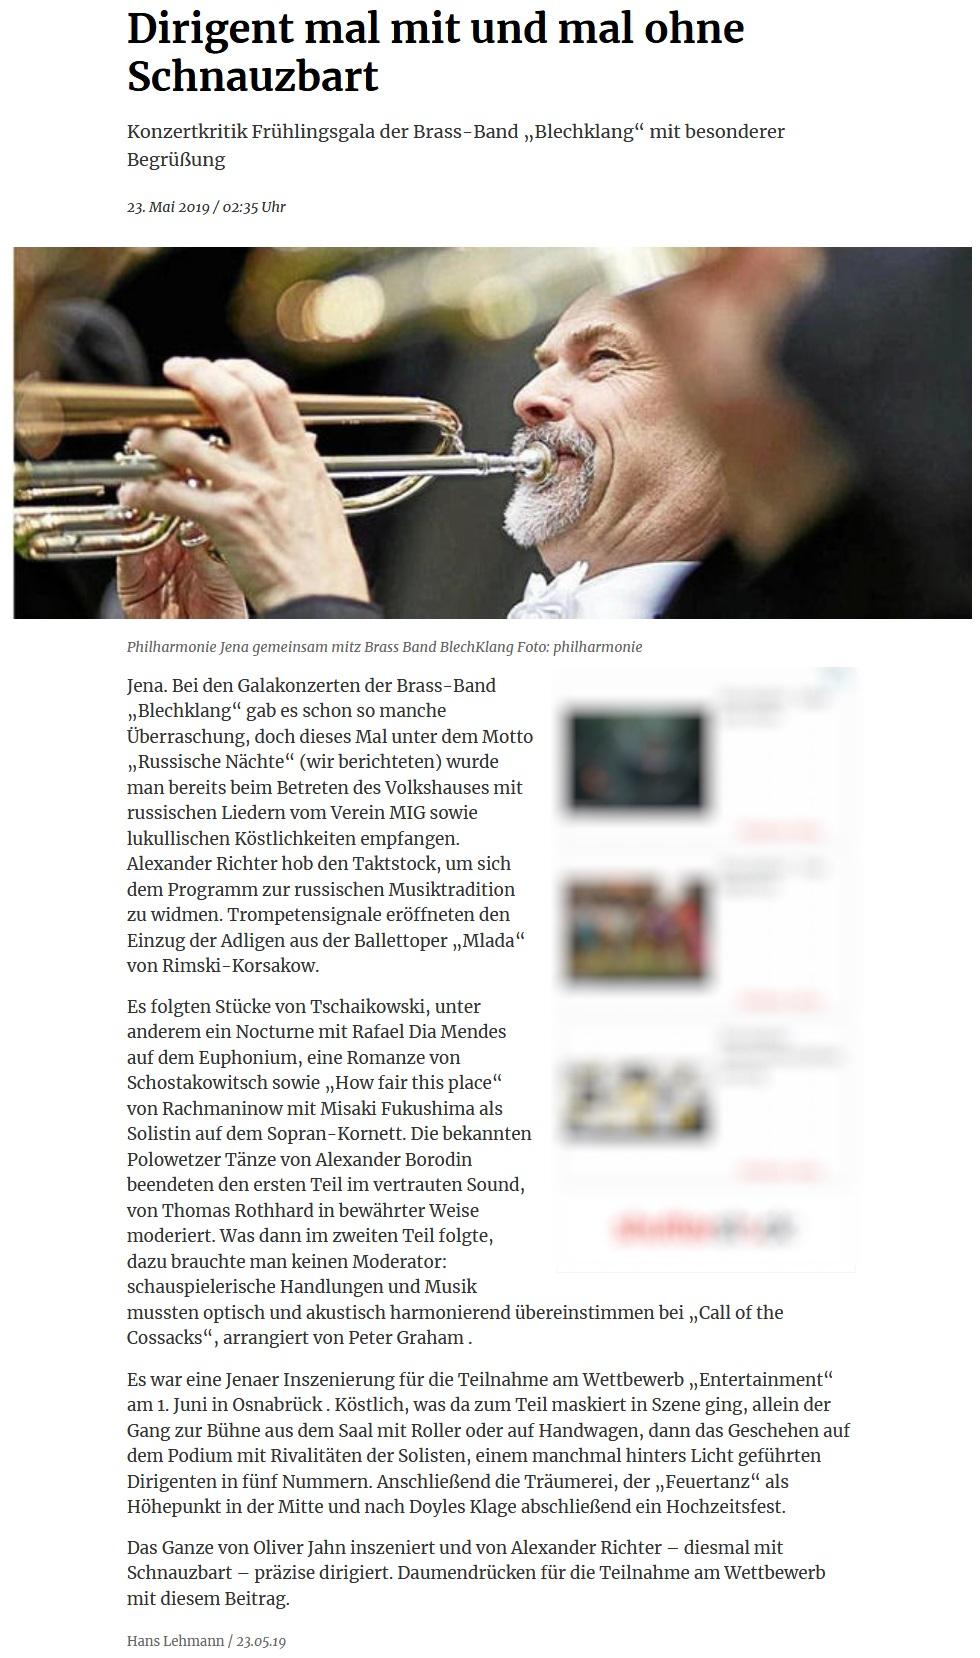 Artikel aus der OTZ über das Galakonzert 2019 der Brass Band BlechKLANG